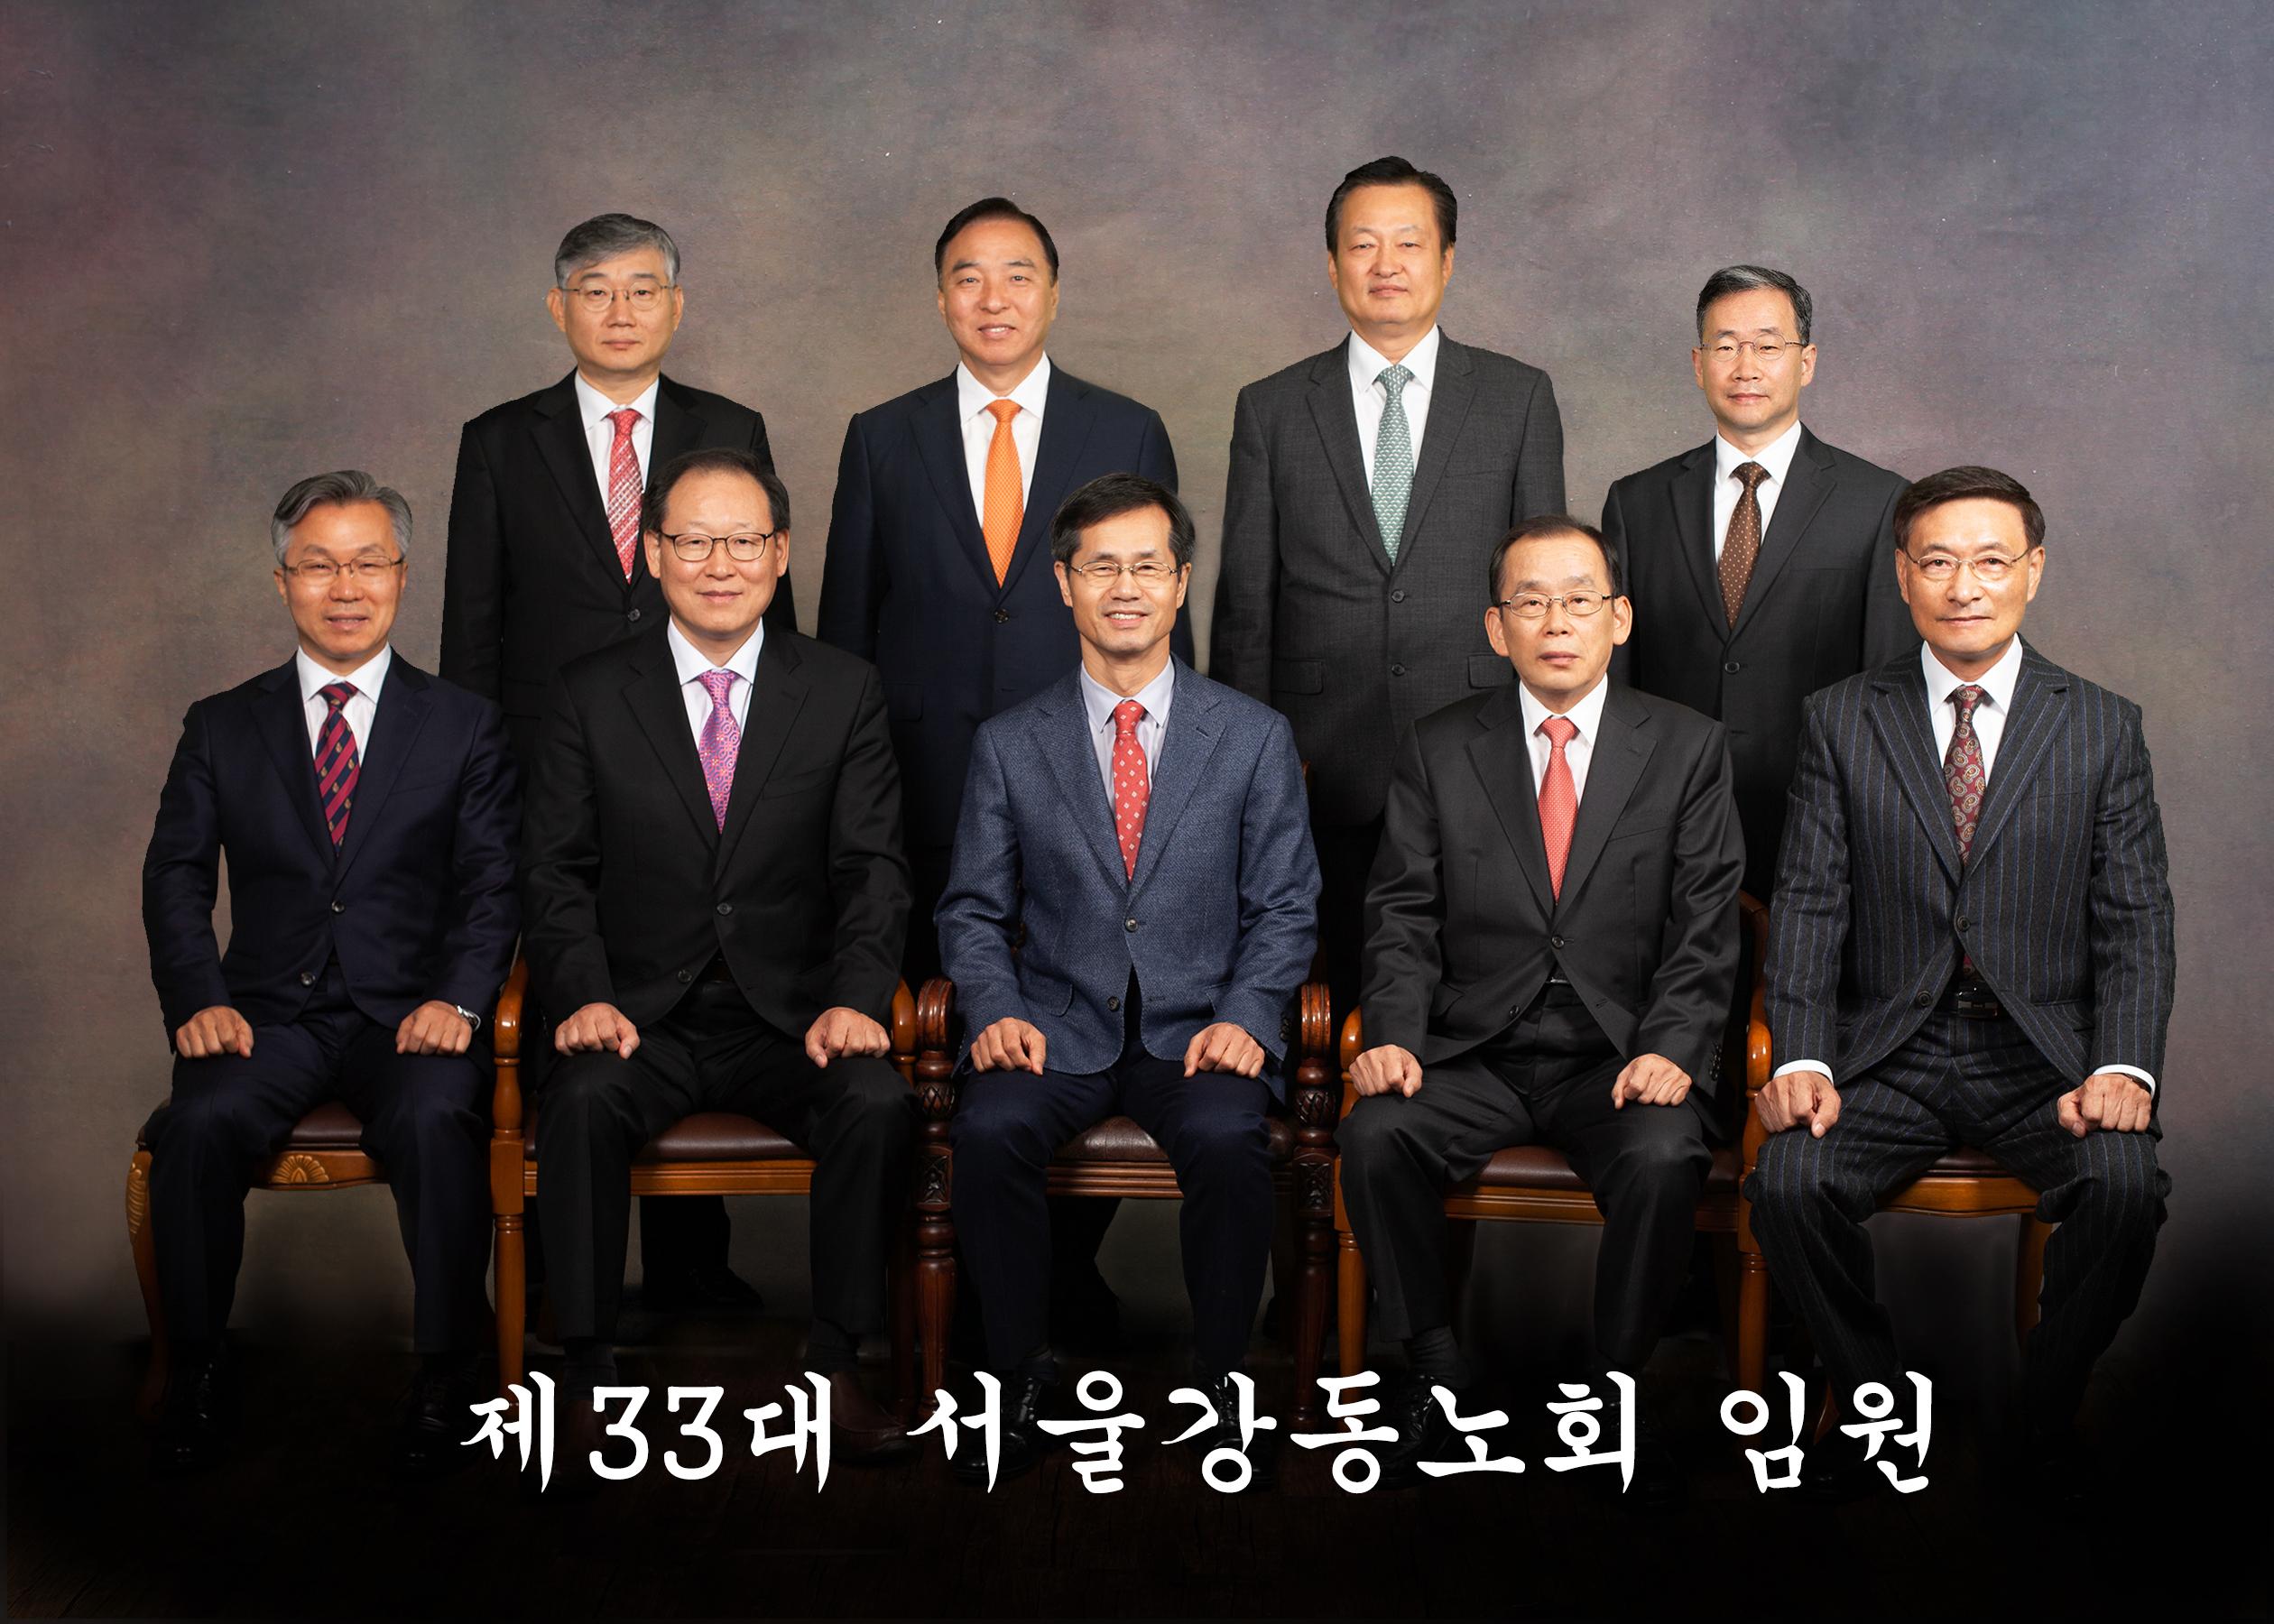 서울강동노회 제33대 임원사진-(글자有).jpg